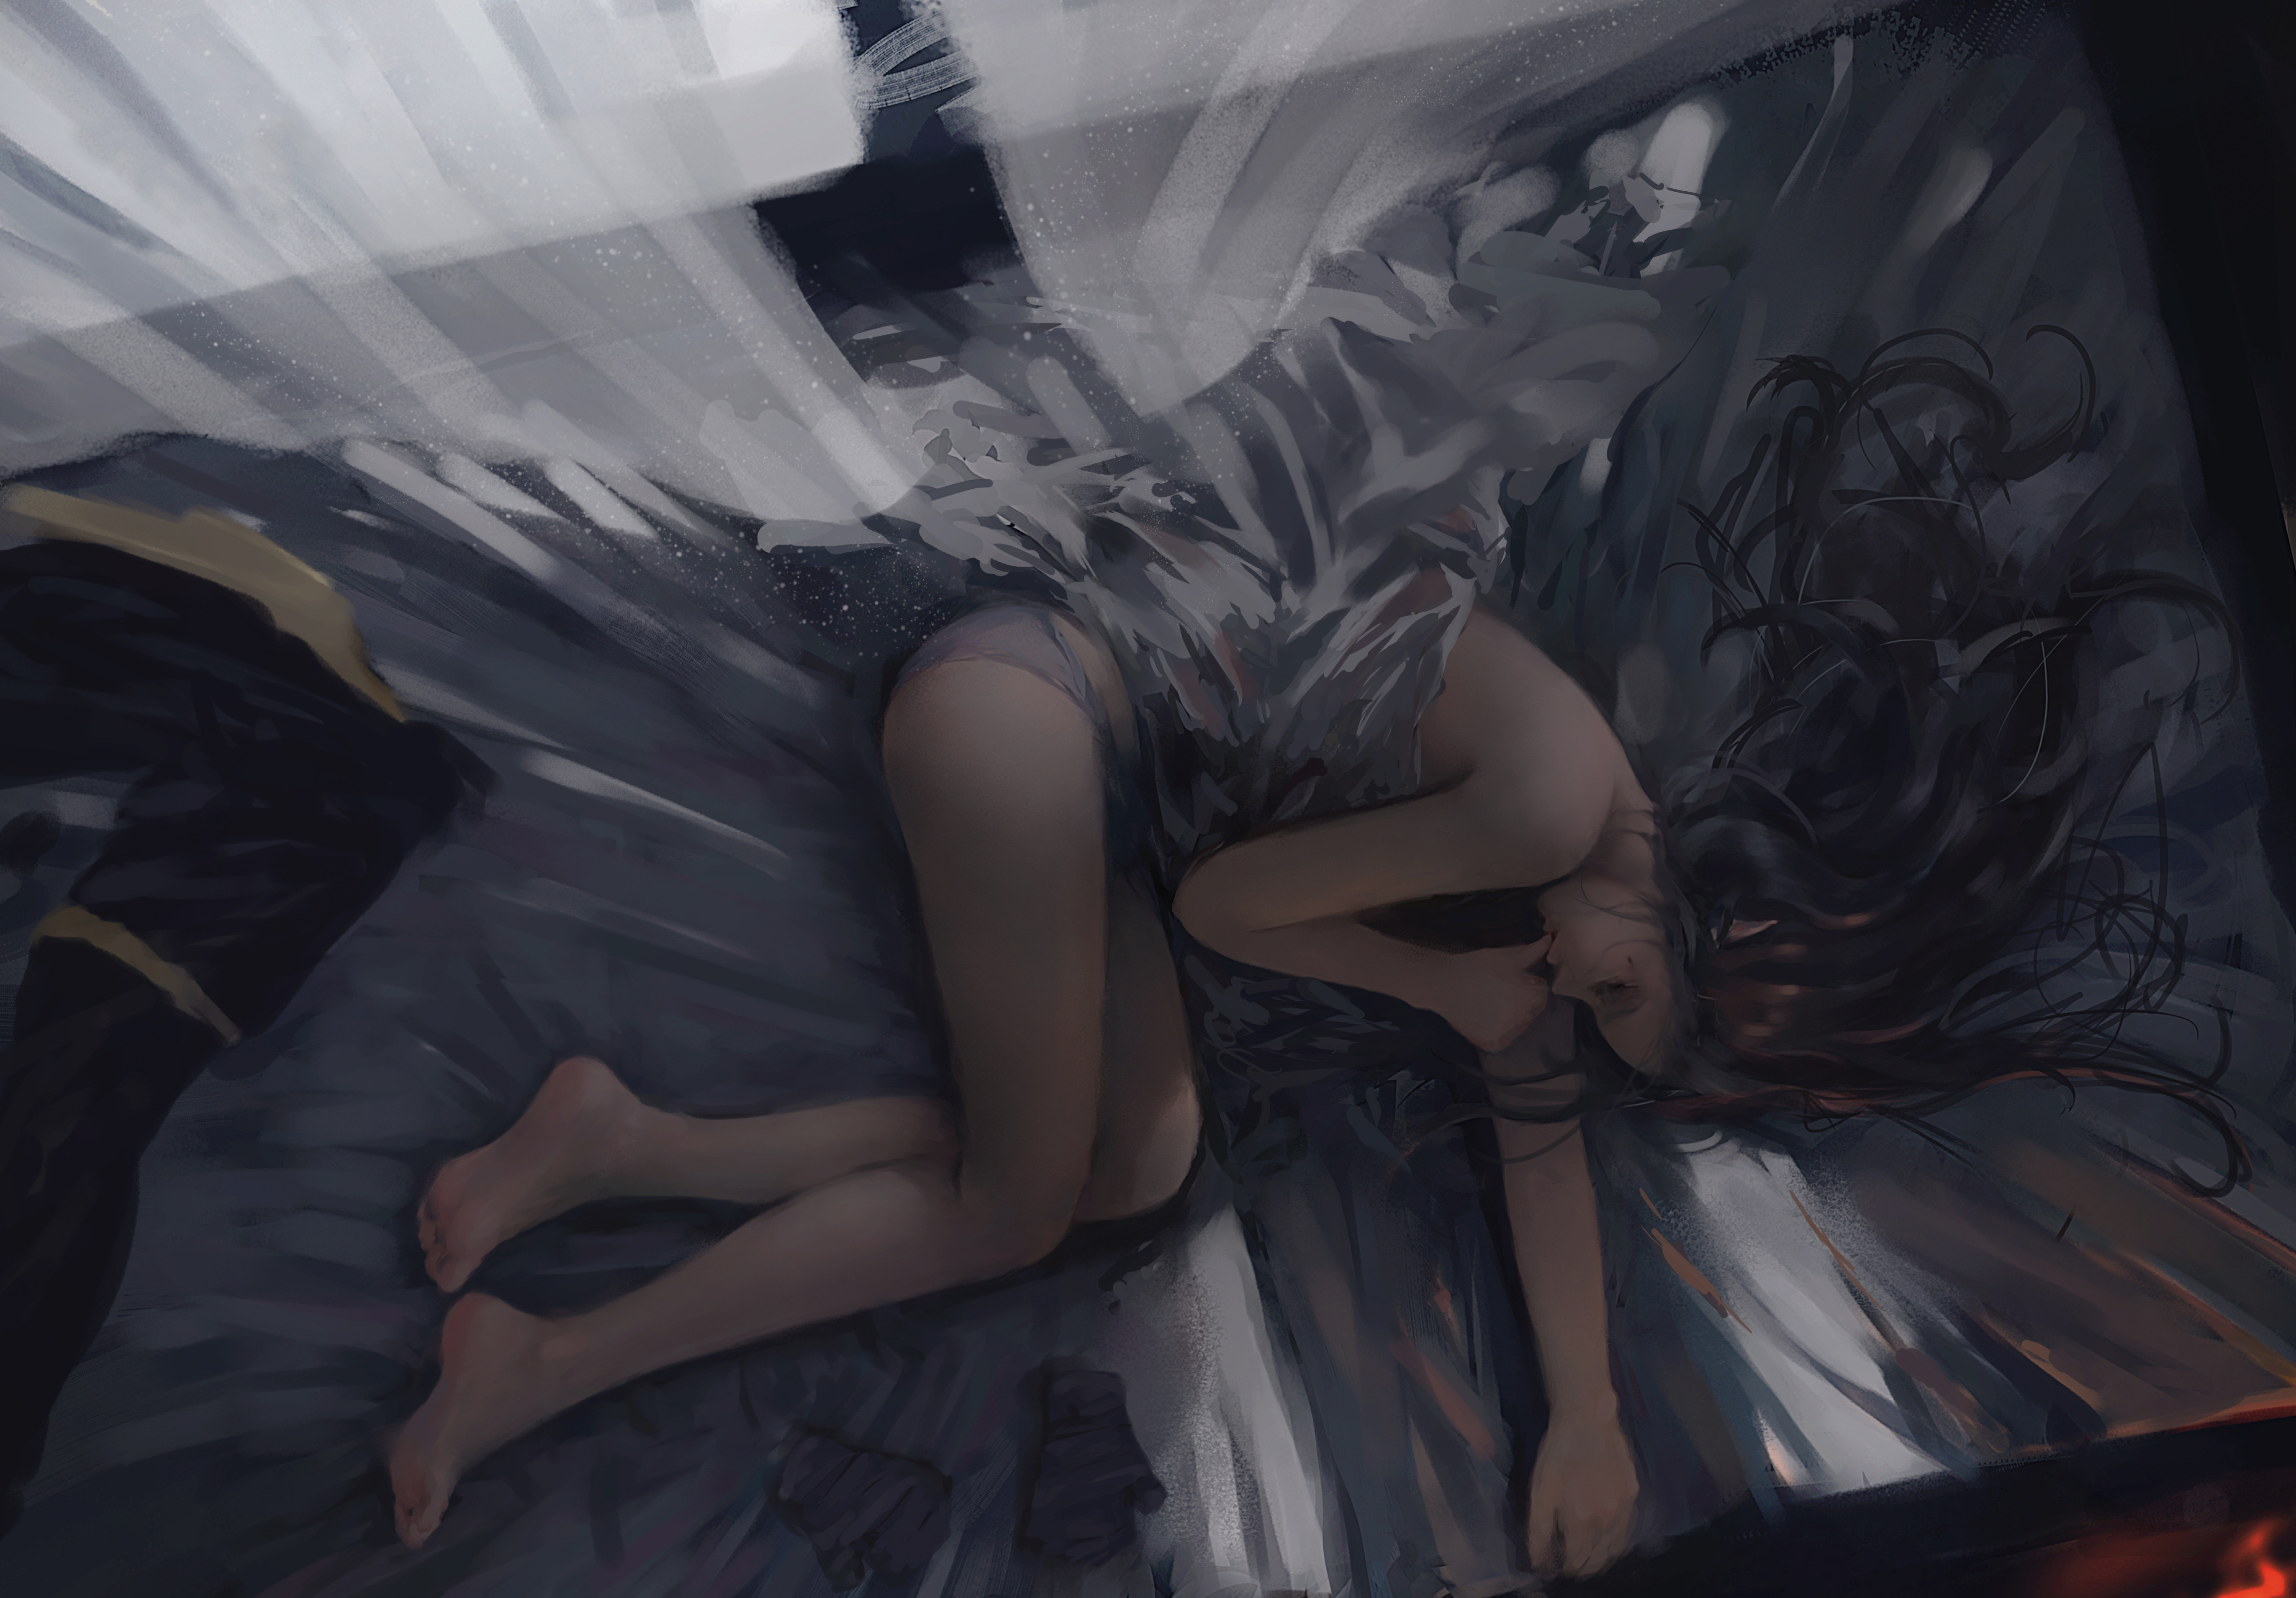 Рисованные спящие девушки картинки 4 фотография